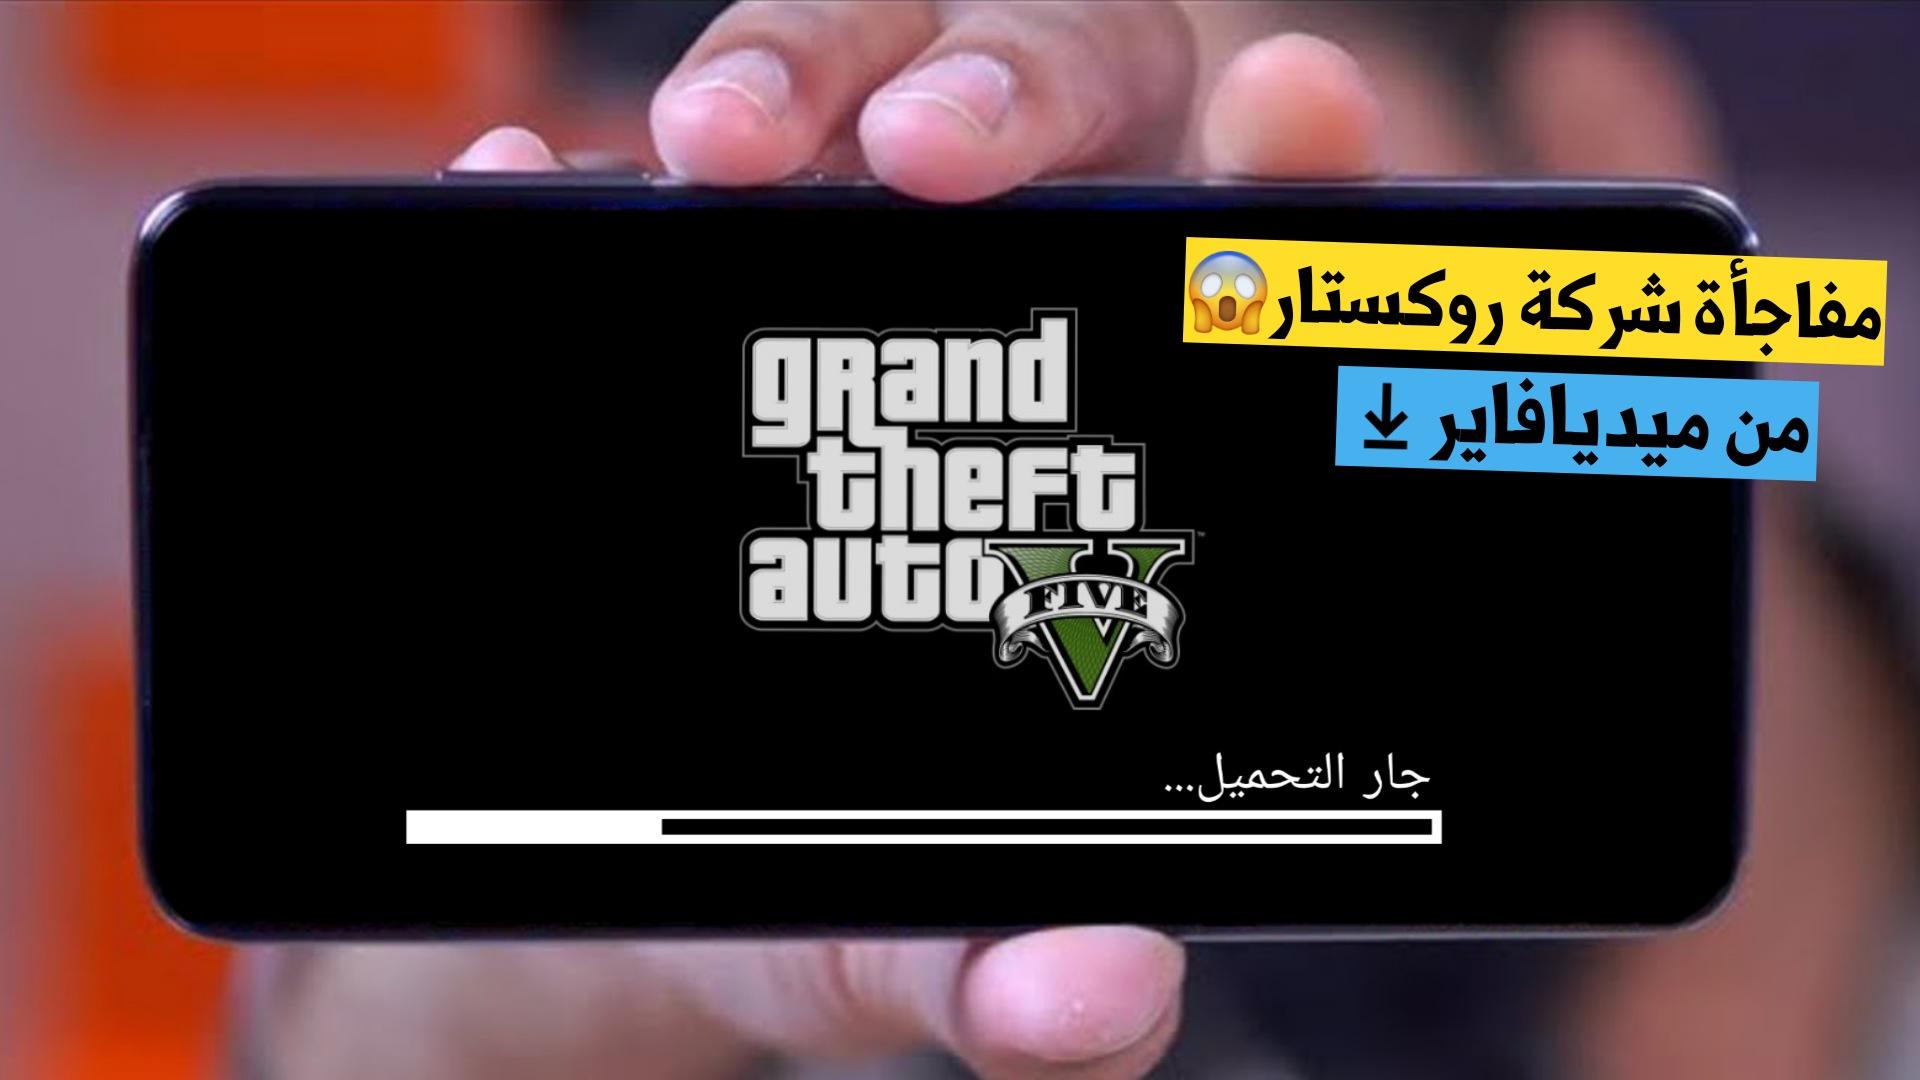 حصريا تحميل لعبة GTA V للاندرويد نسخة 2021 من ميديا فاير برابط مباشر